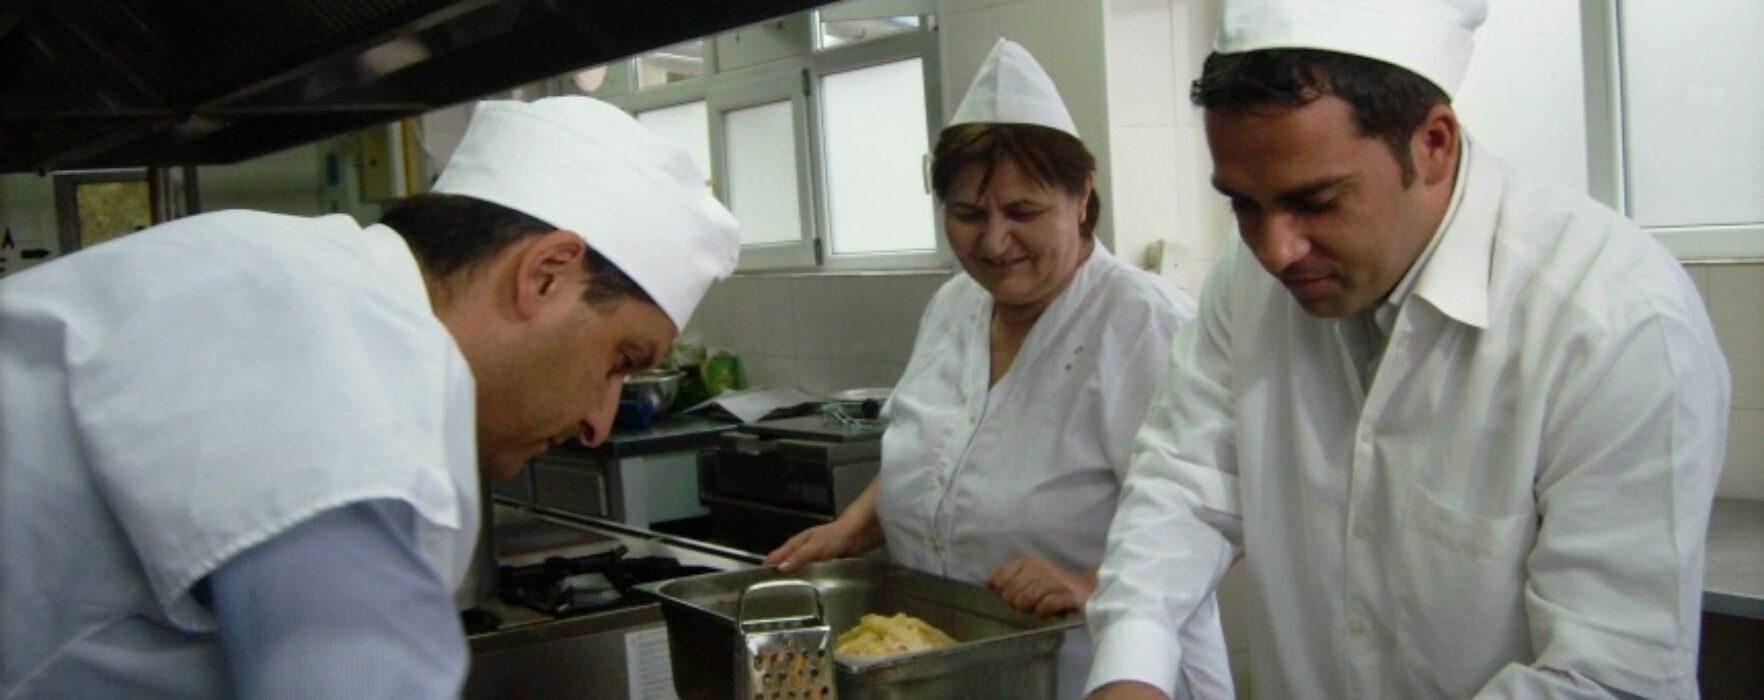 Primarul Târgoviştei a ajutat la pregătirea mâncării la cantina de ajutor social din municipiu